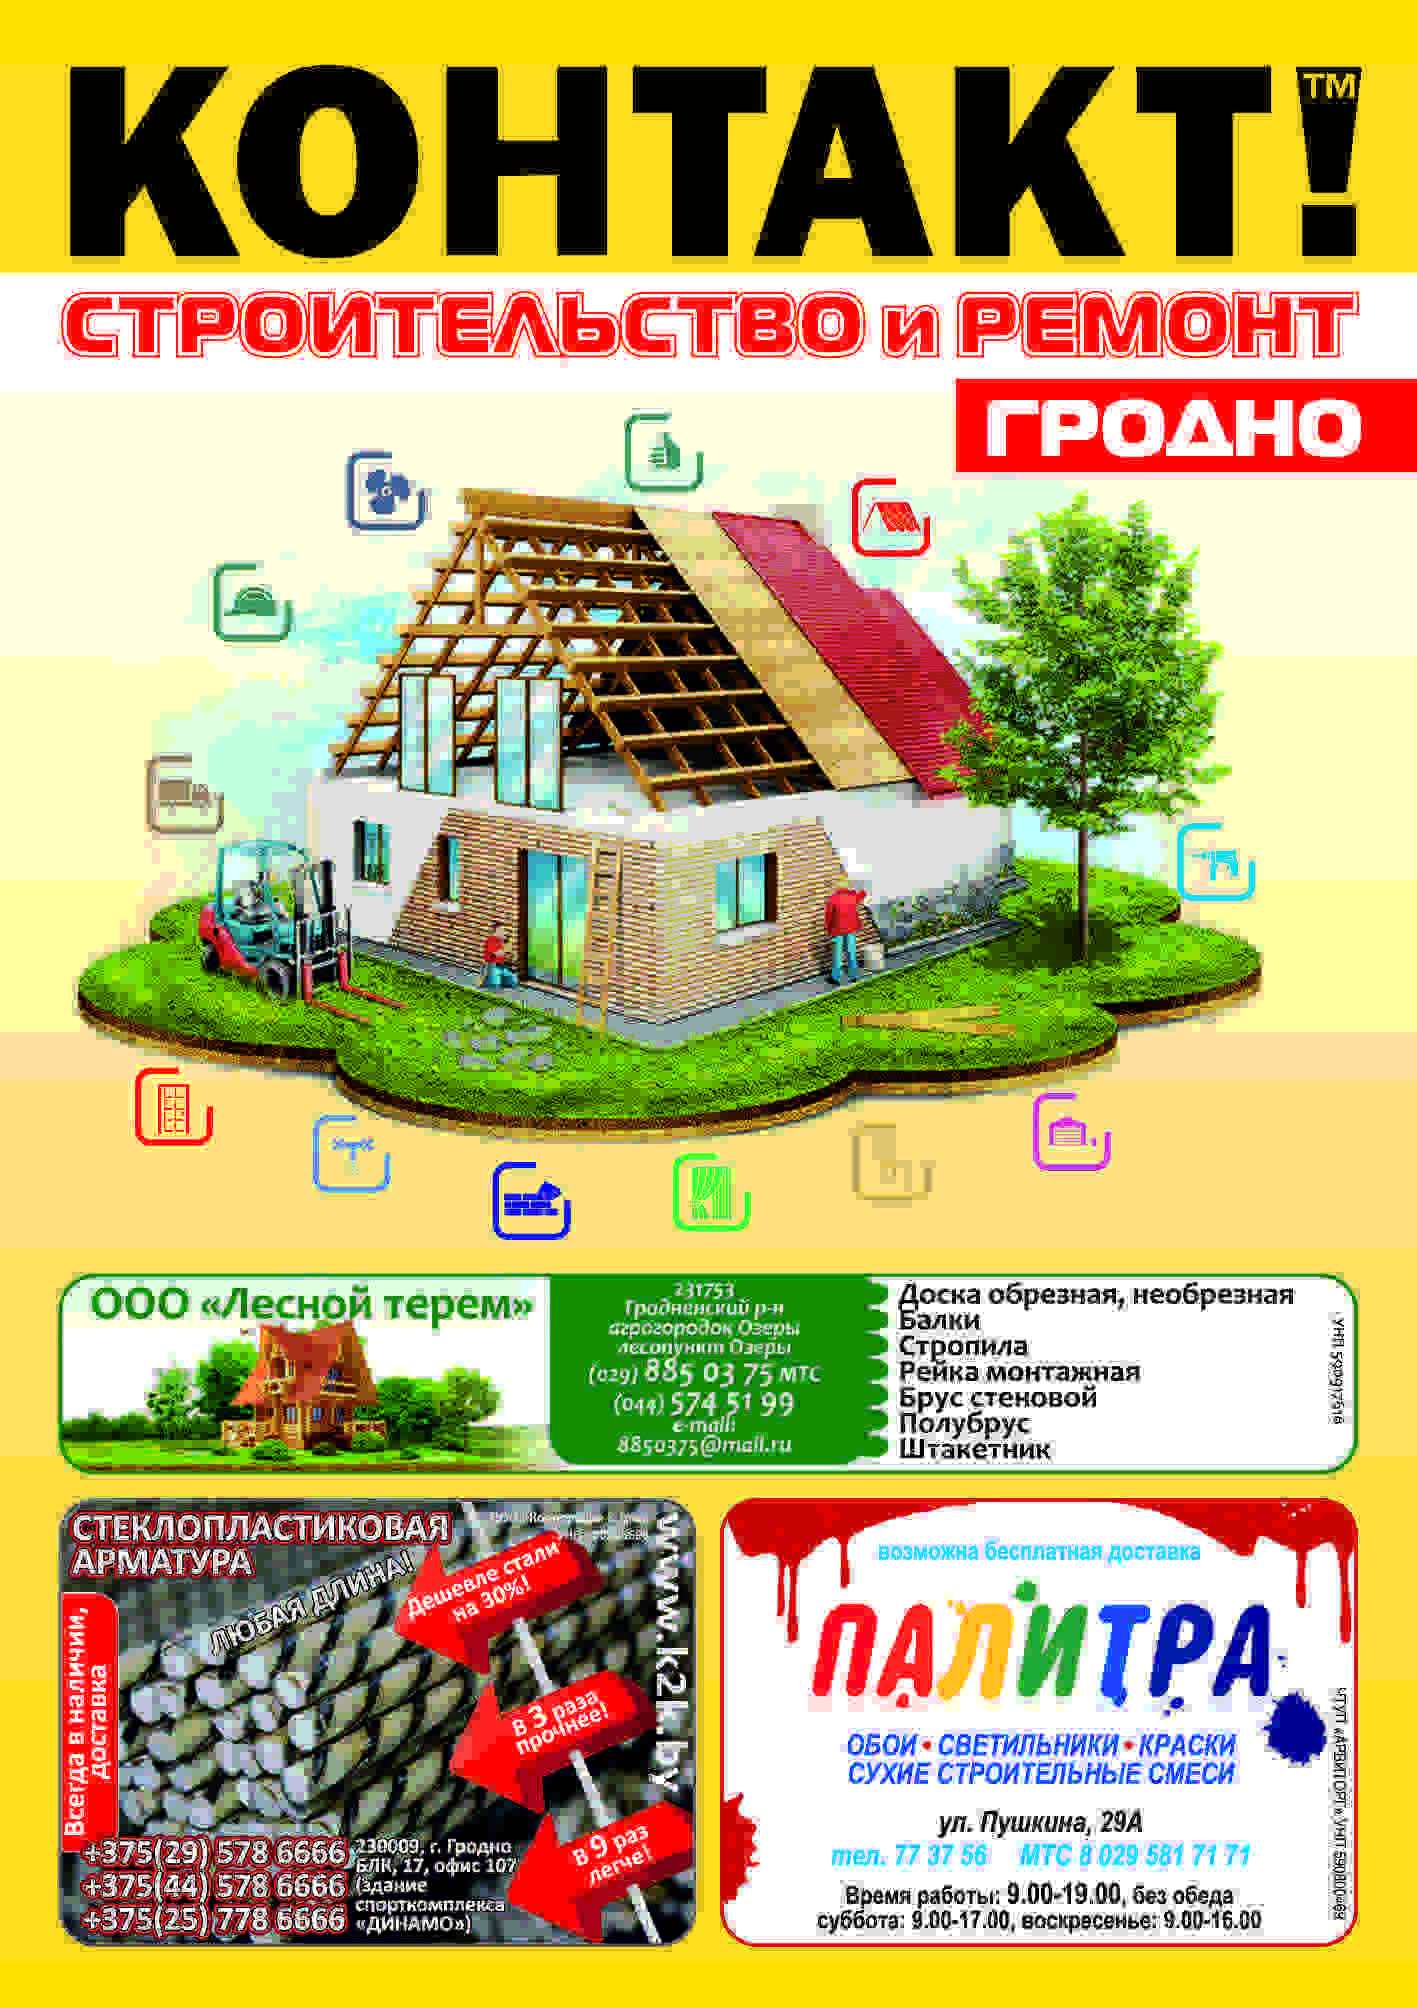 Тематические справочники – «КОНТАКТ!Строительство и ремонт».